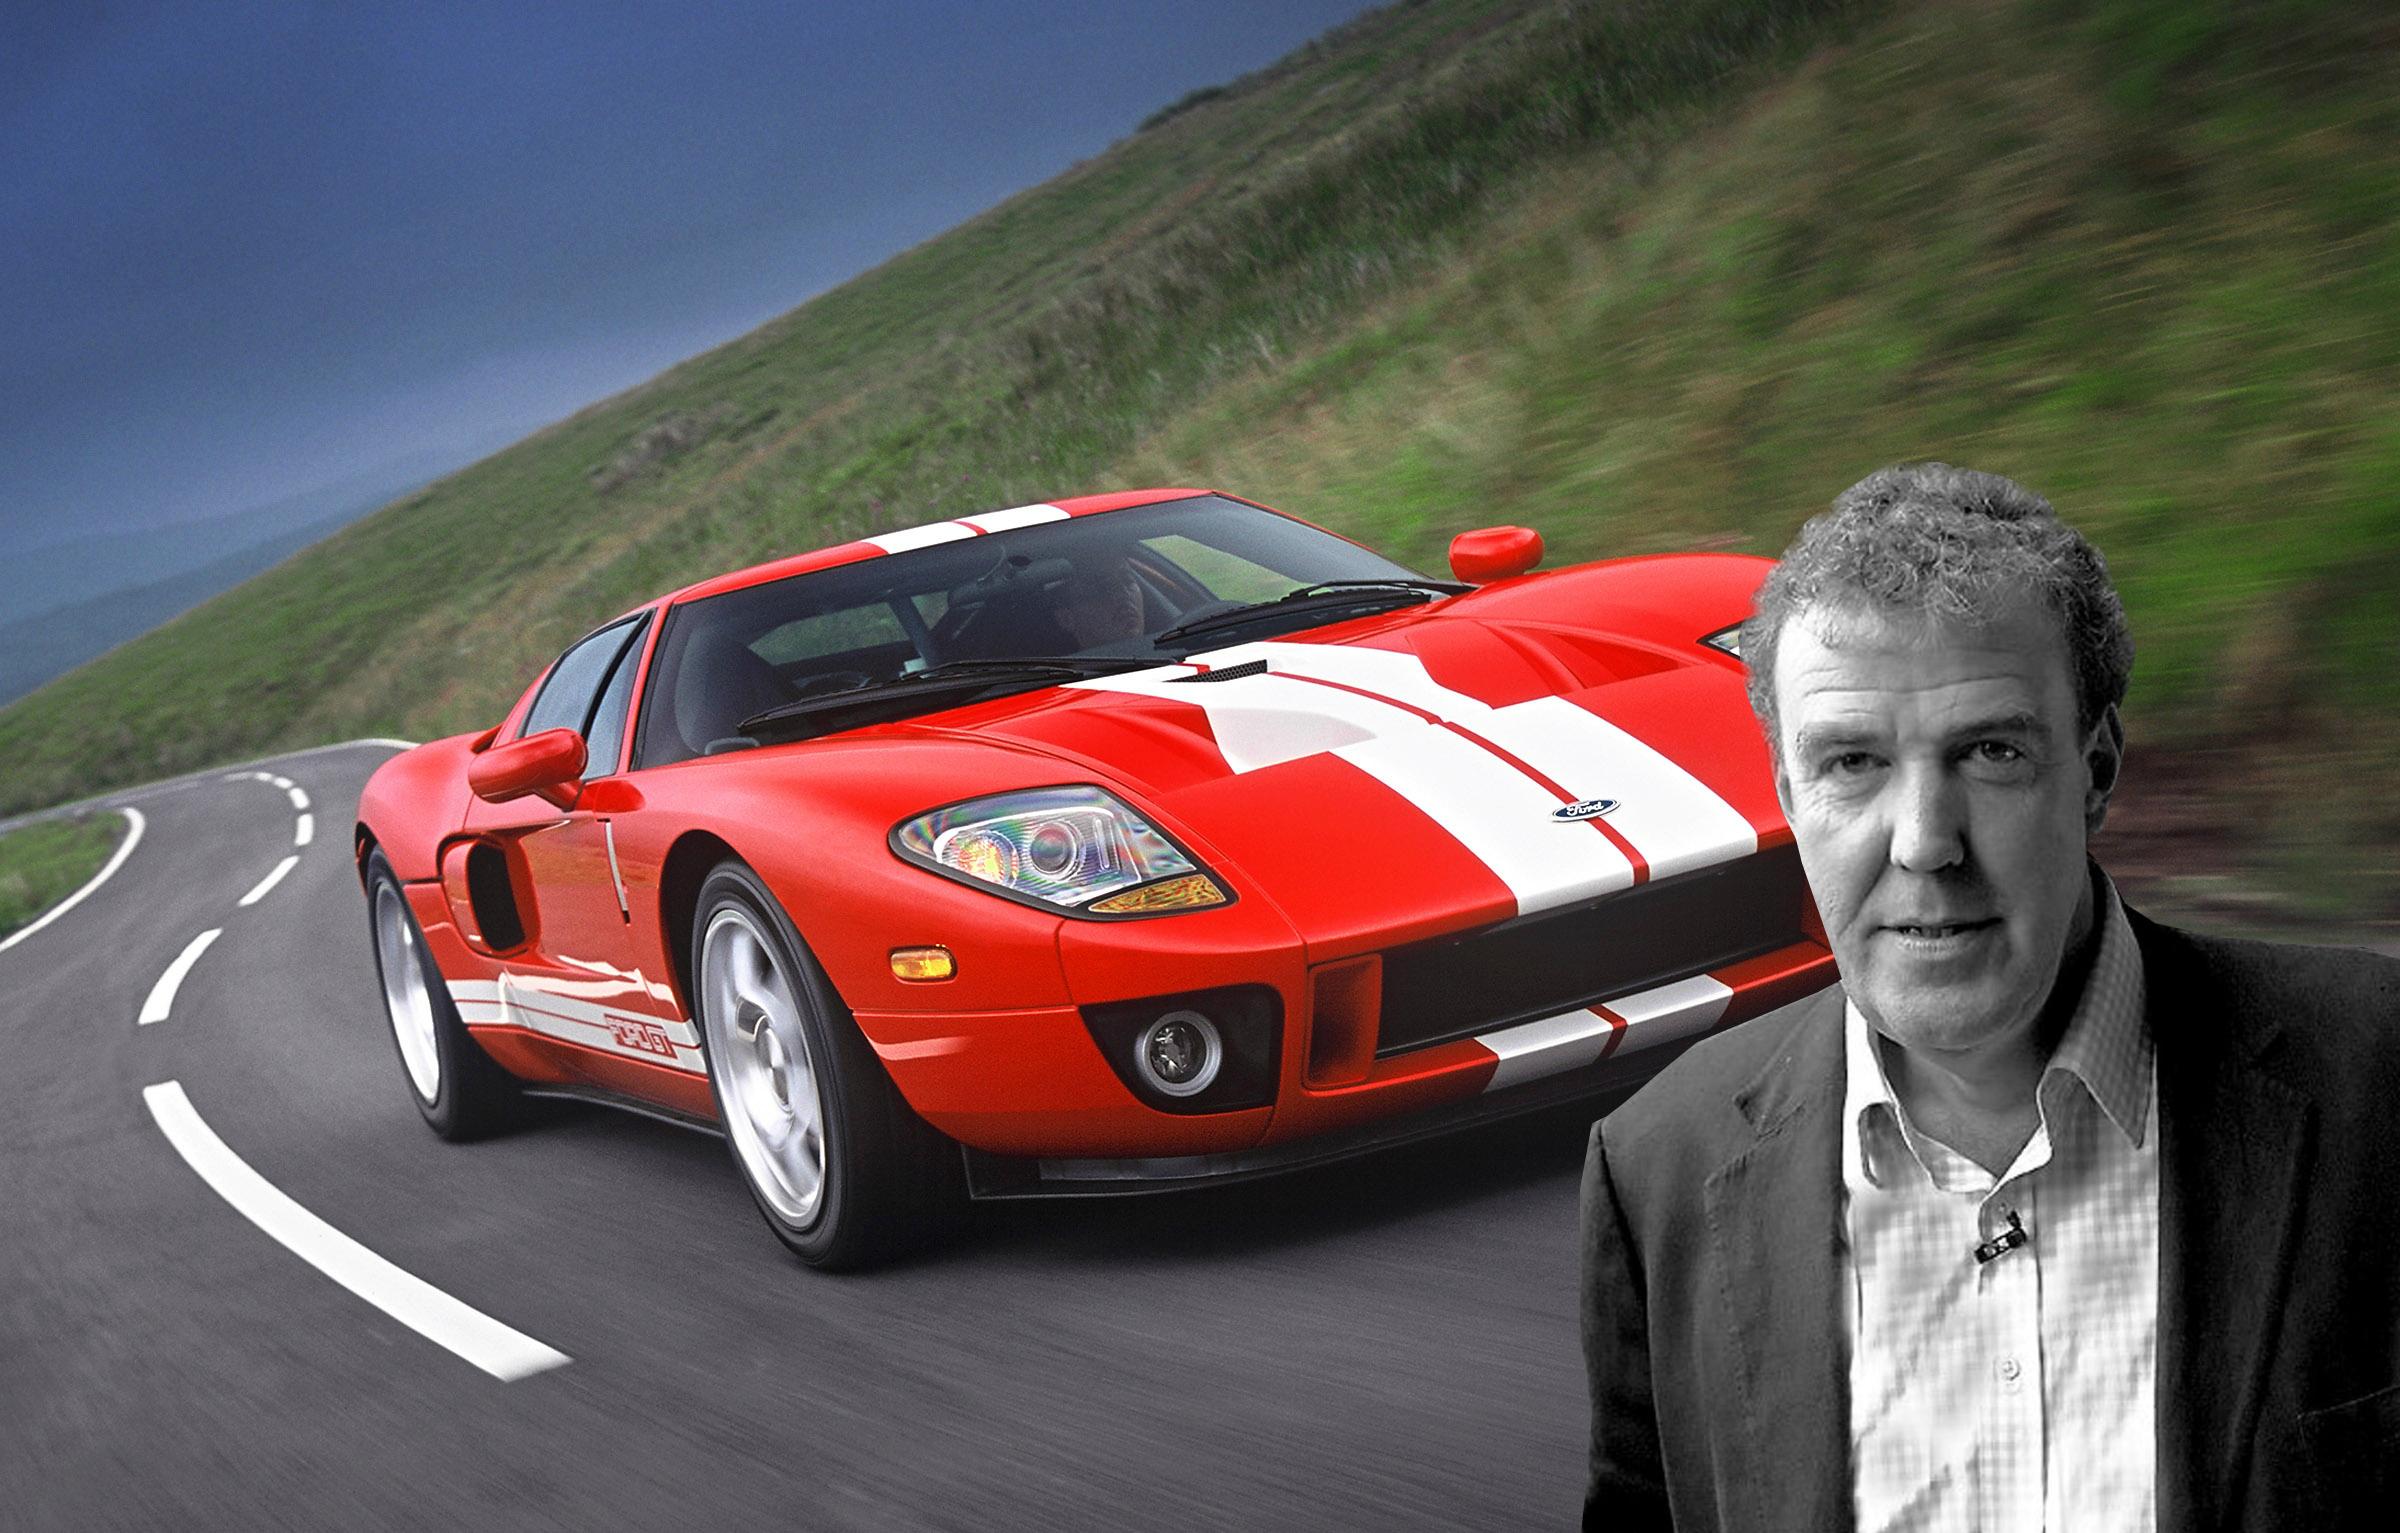 Jeremy Clarkson Cars: Jeremy Clarkson's Cars